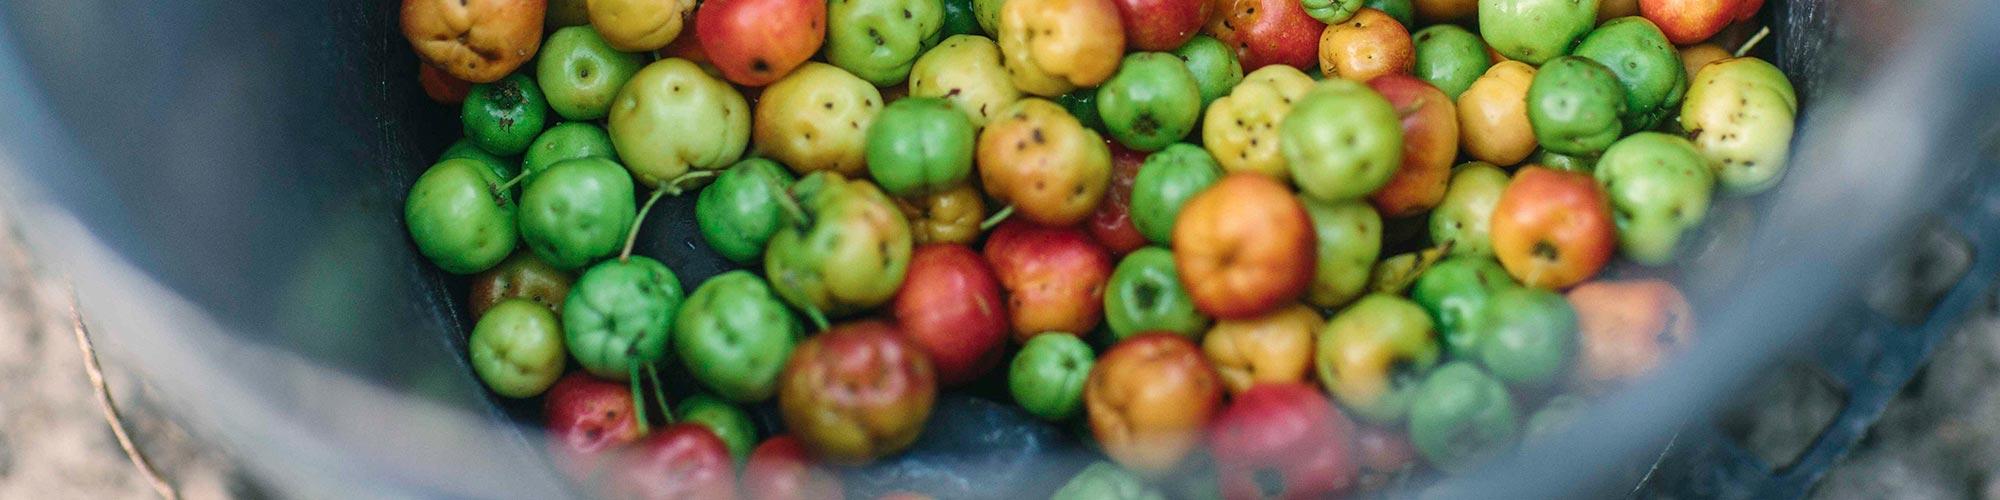 NUTRIWAY Organic Farms